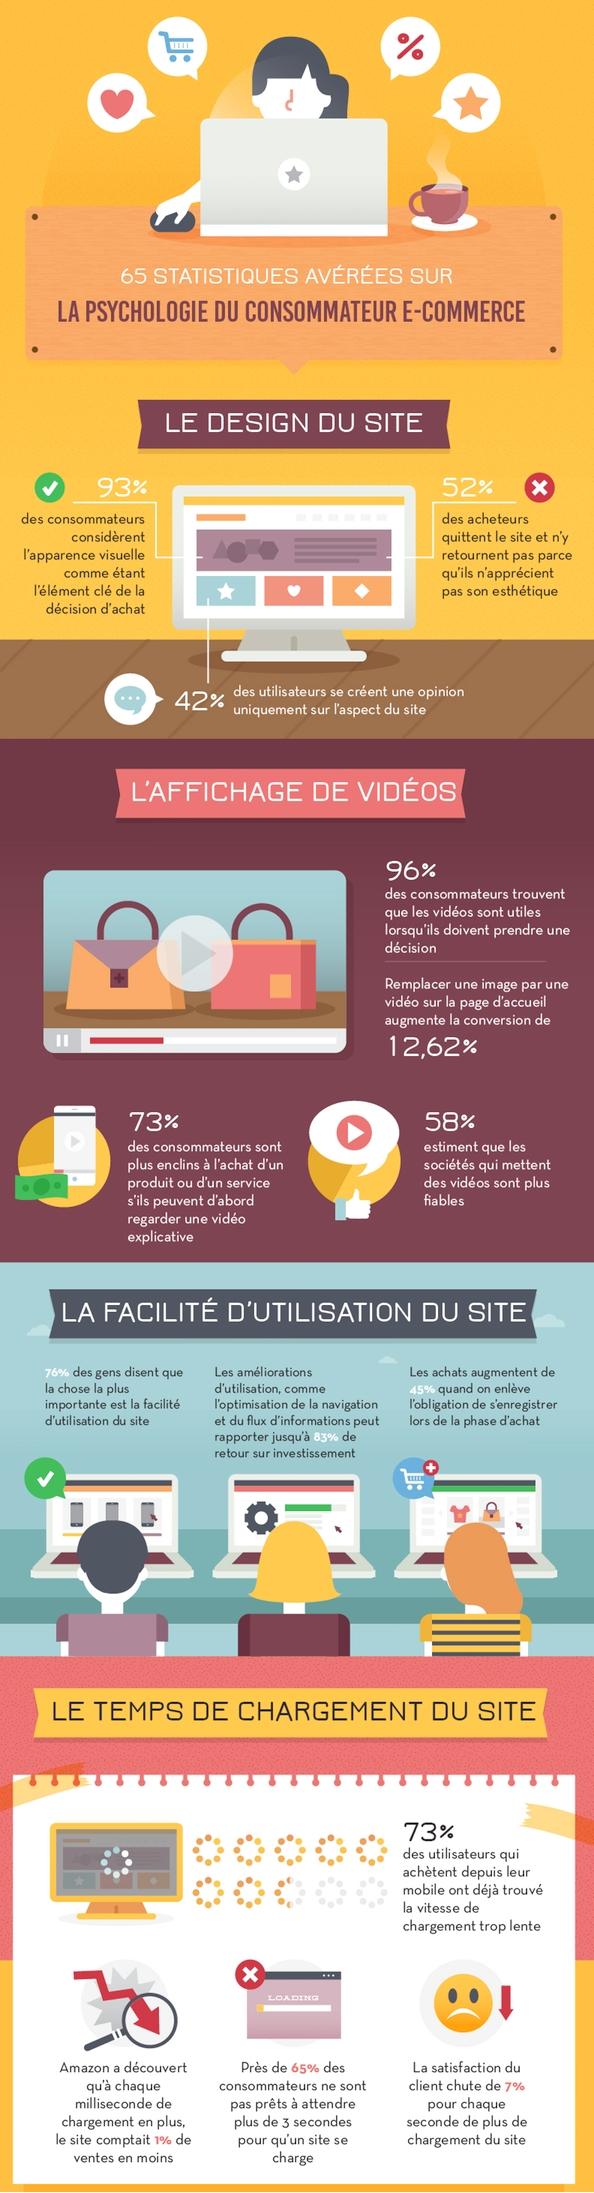 Infographie - Psychologie consommateur e-commerce coupé 2